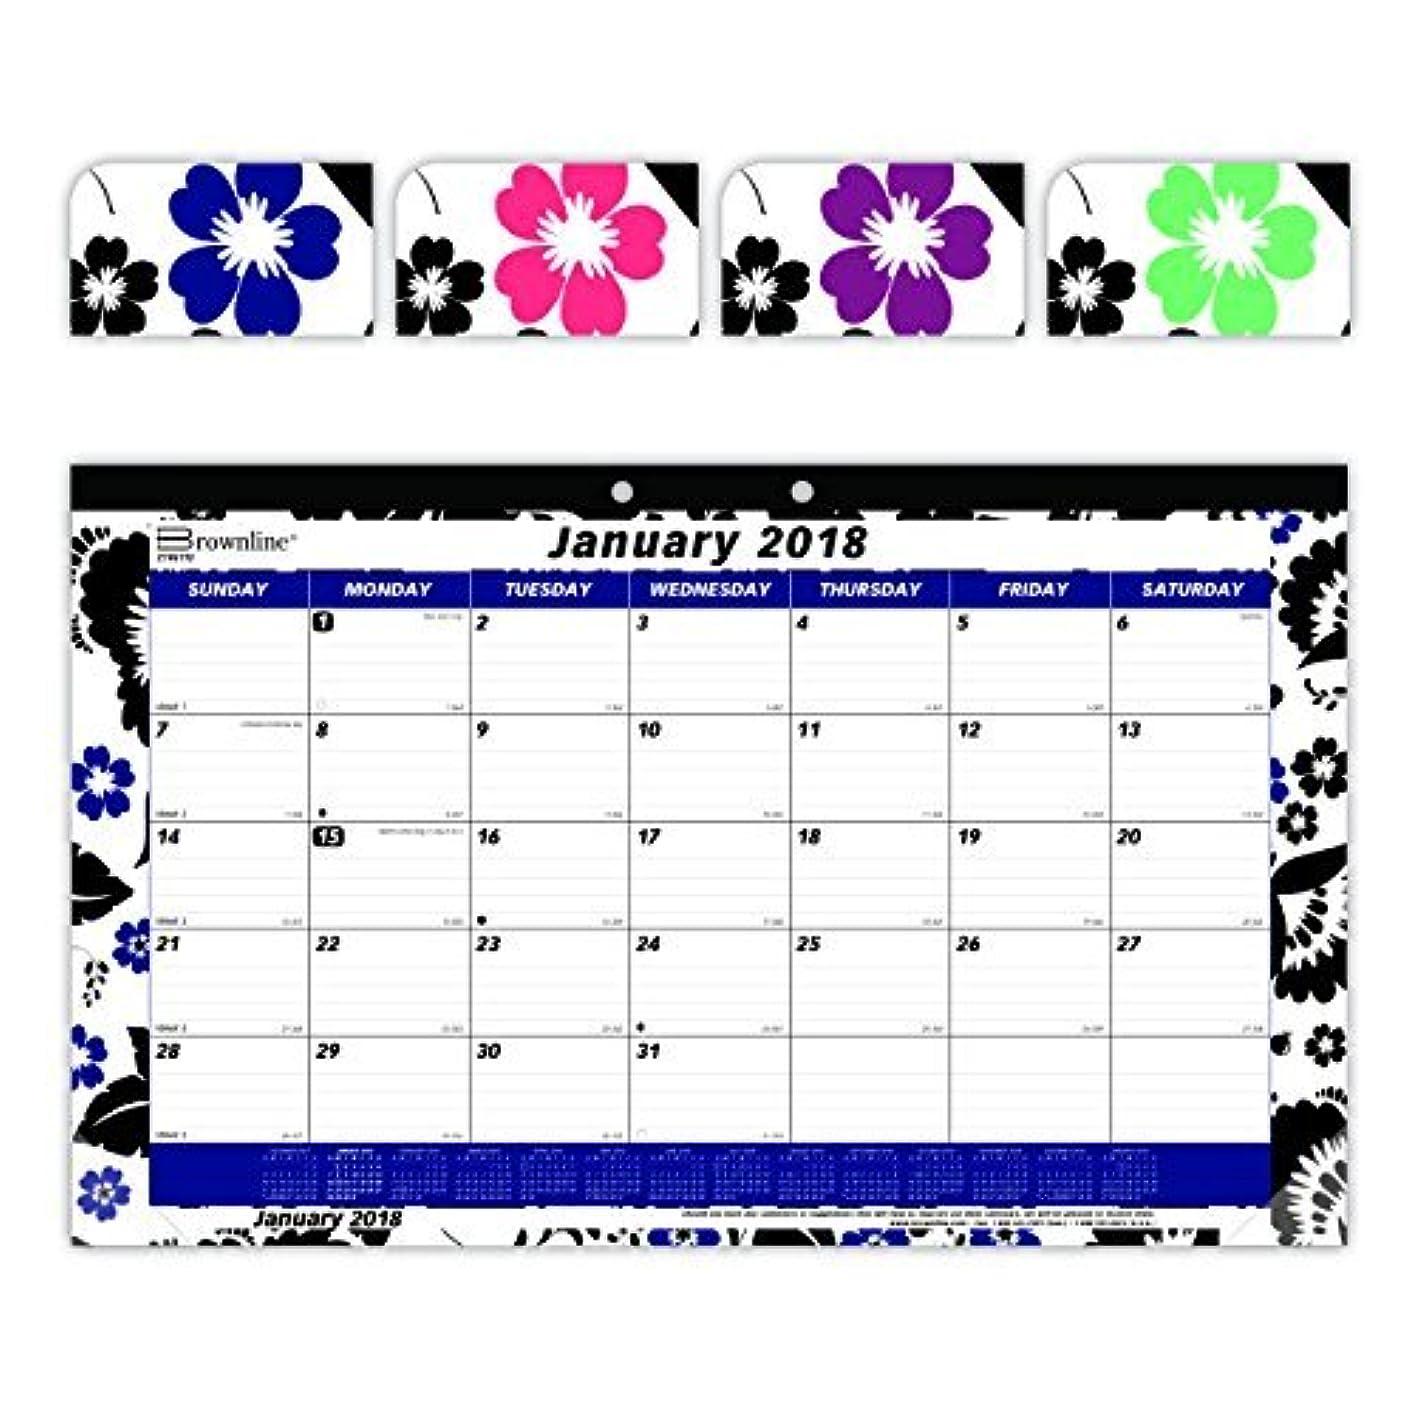 発火する代わりにを立てるラインBrownline 2018 Monthly Colorful Desk Pad Calendar Blossom 17.75 x 10.875 inches (C195112-18) [並行輸入品]